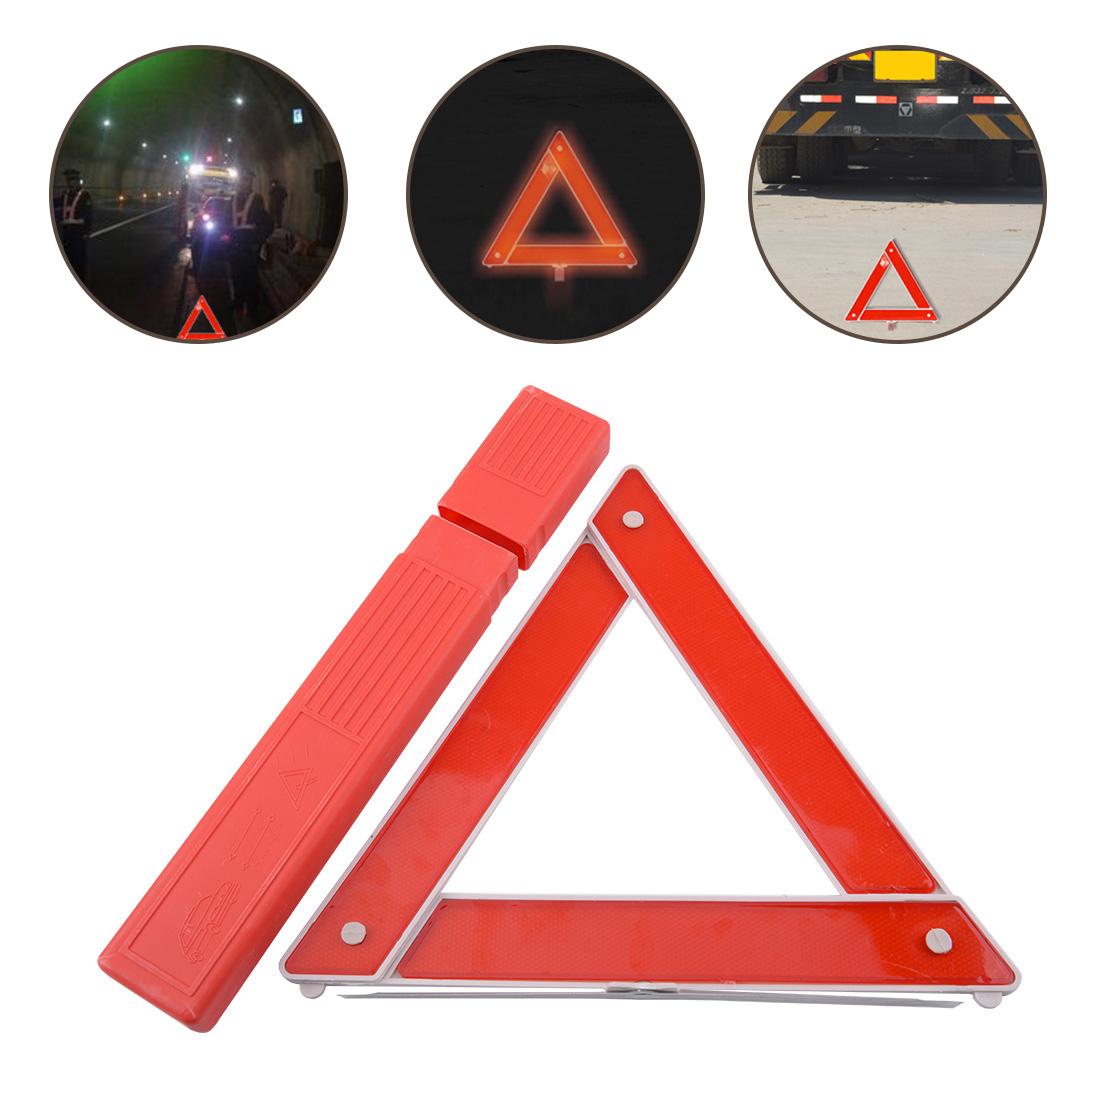 Reflektierendes Warnzeichen Dreieck Auto Gefahr Klassifizierung EU-Notfall  XJ